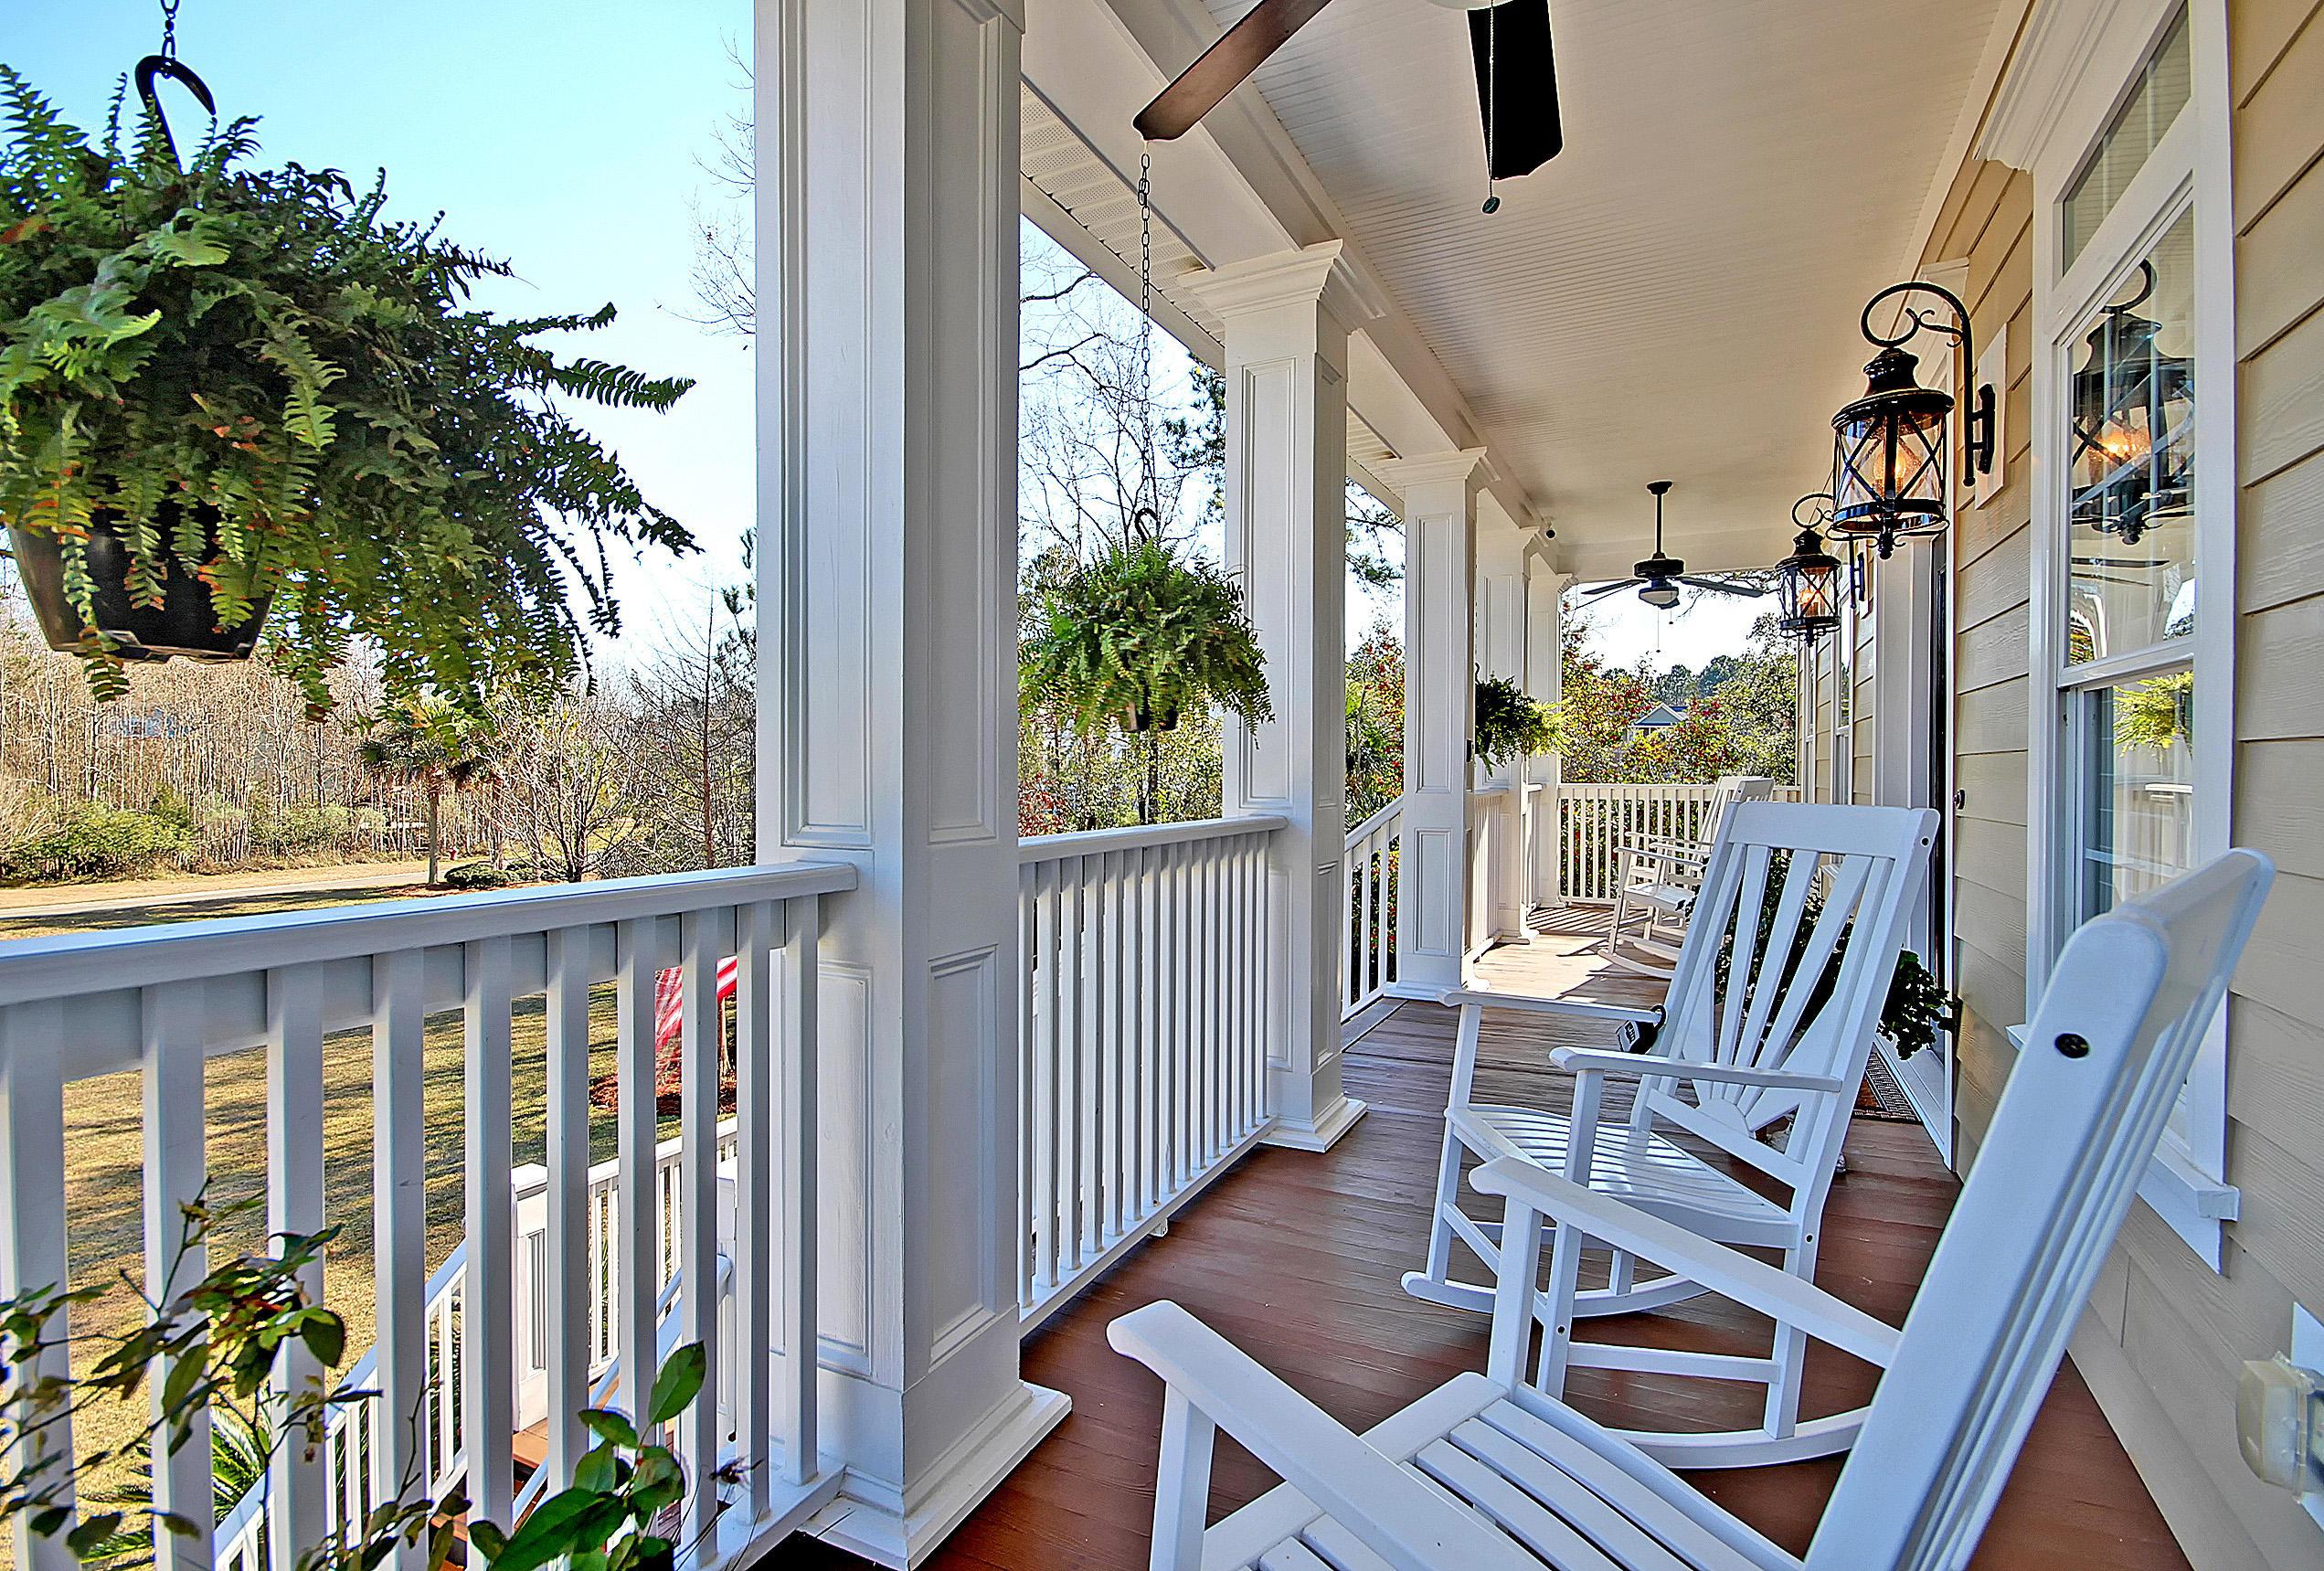 Dunes West Homes For Sale - 2721 Fountainhead, Mount Pleasant, SC - 19